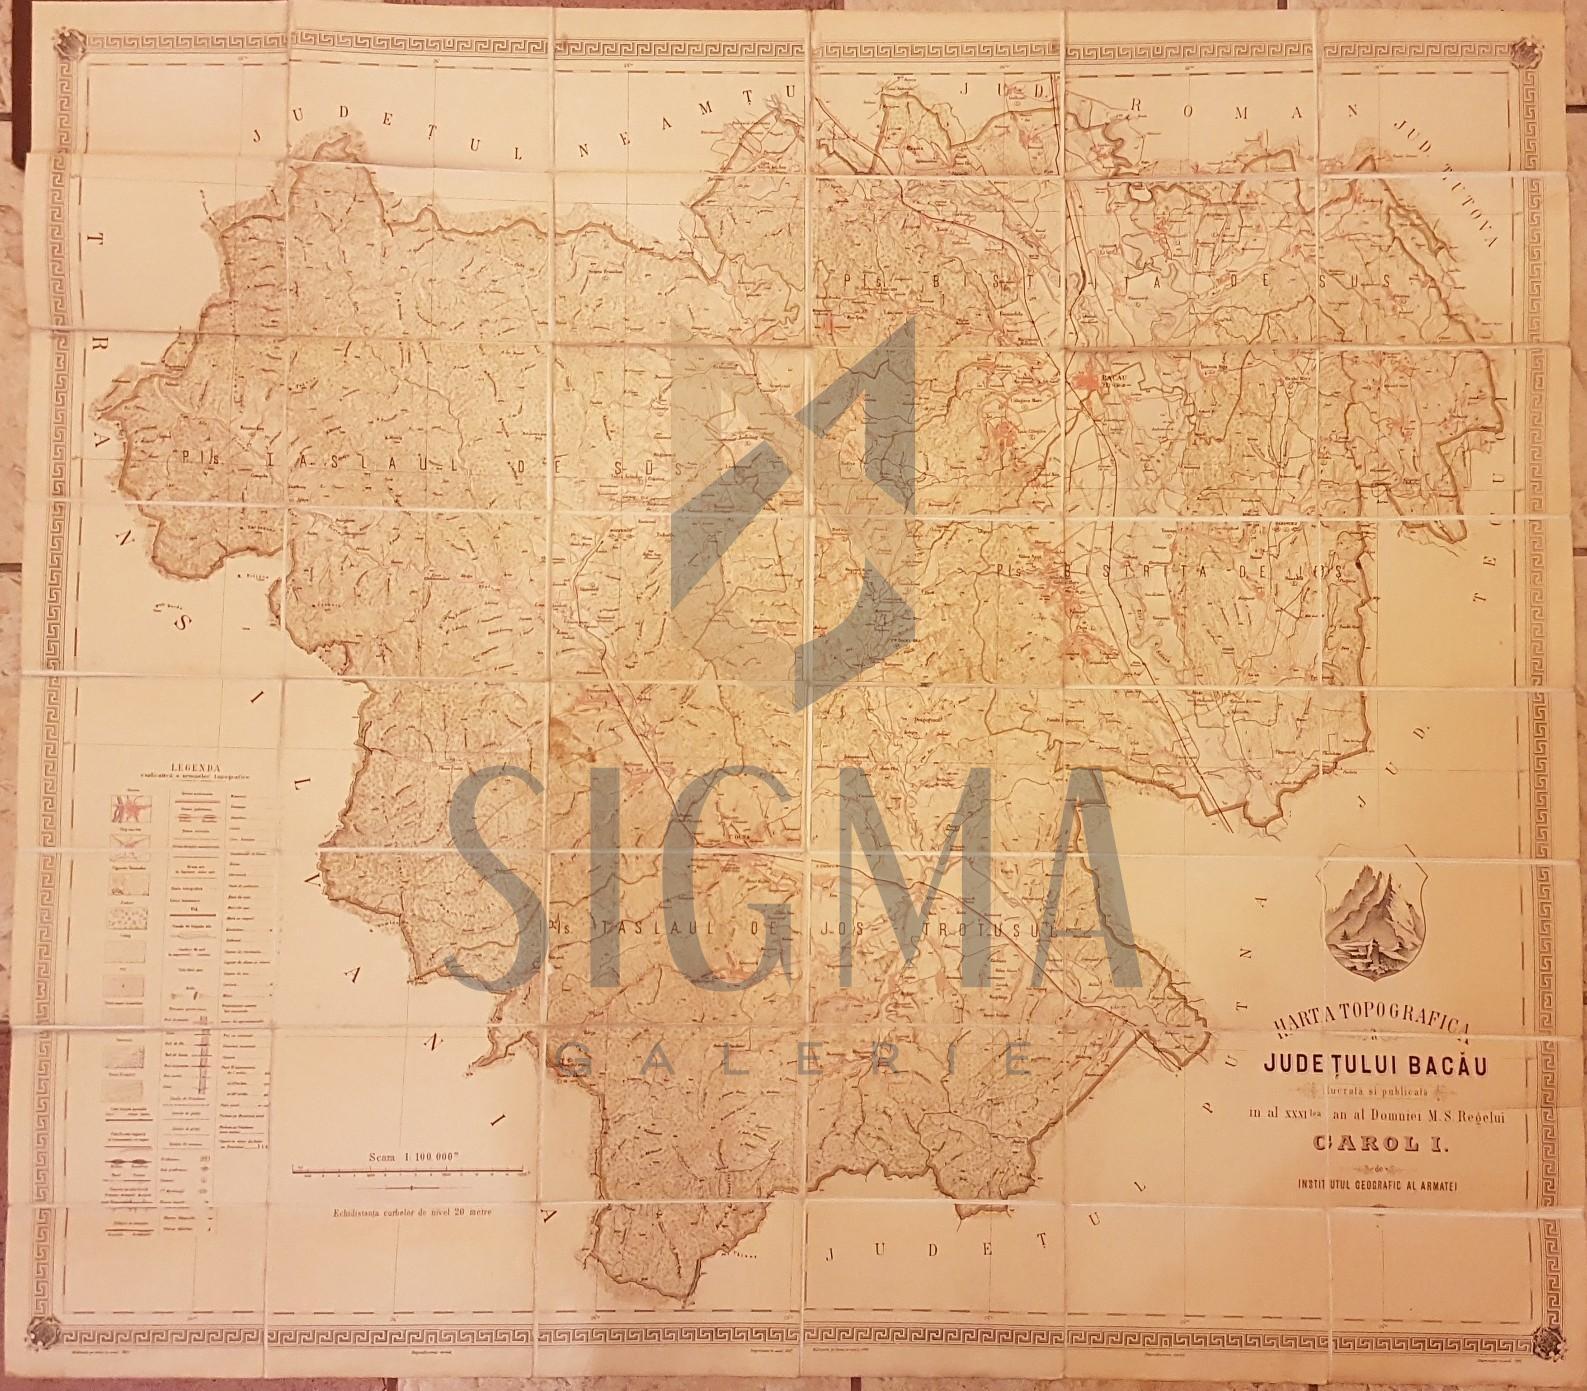 HARTA TOPOGRAFICA A  JUDETULUI BACAU, in timpul Domniei lui CAROL I , Institutul Geografic al Armatei, 1897